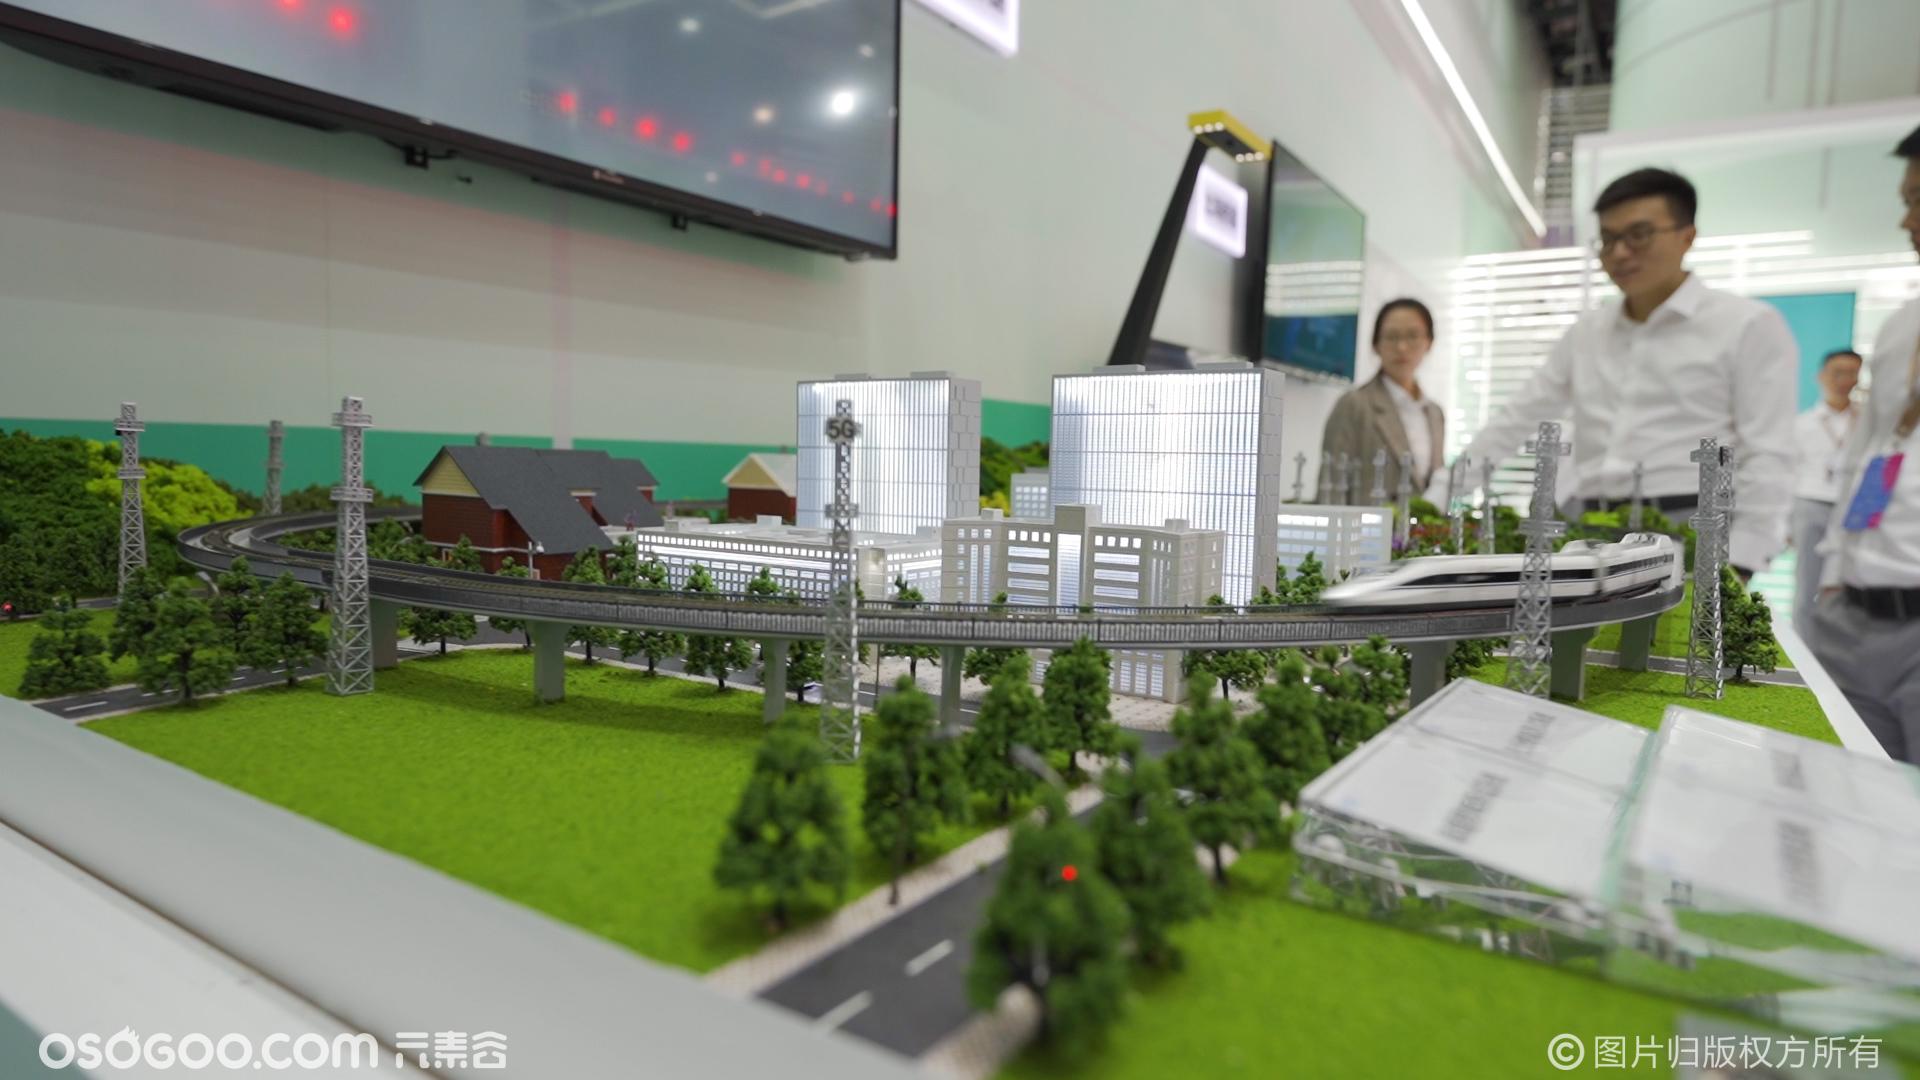 中国移动全球合作伙伴大会 - 《展馆巡礼》